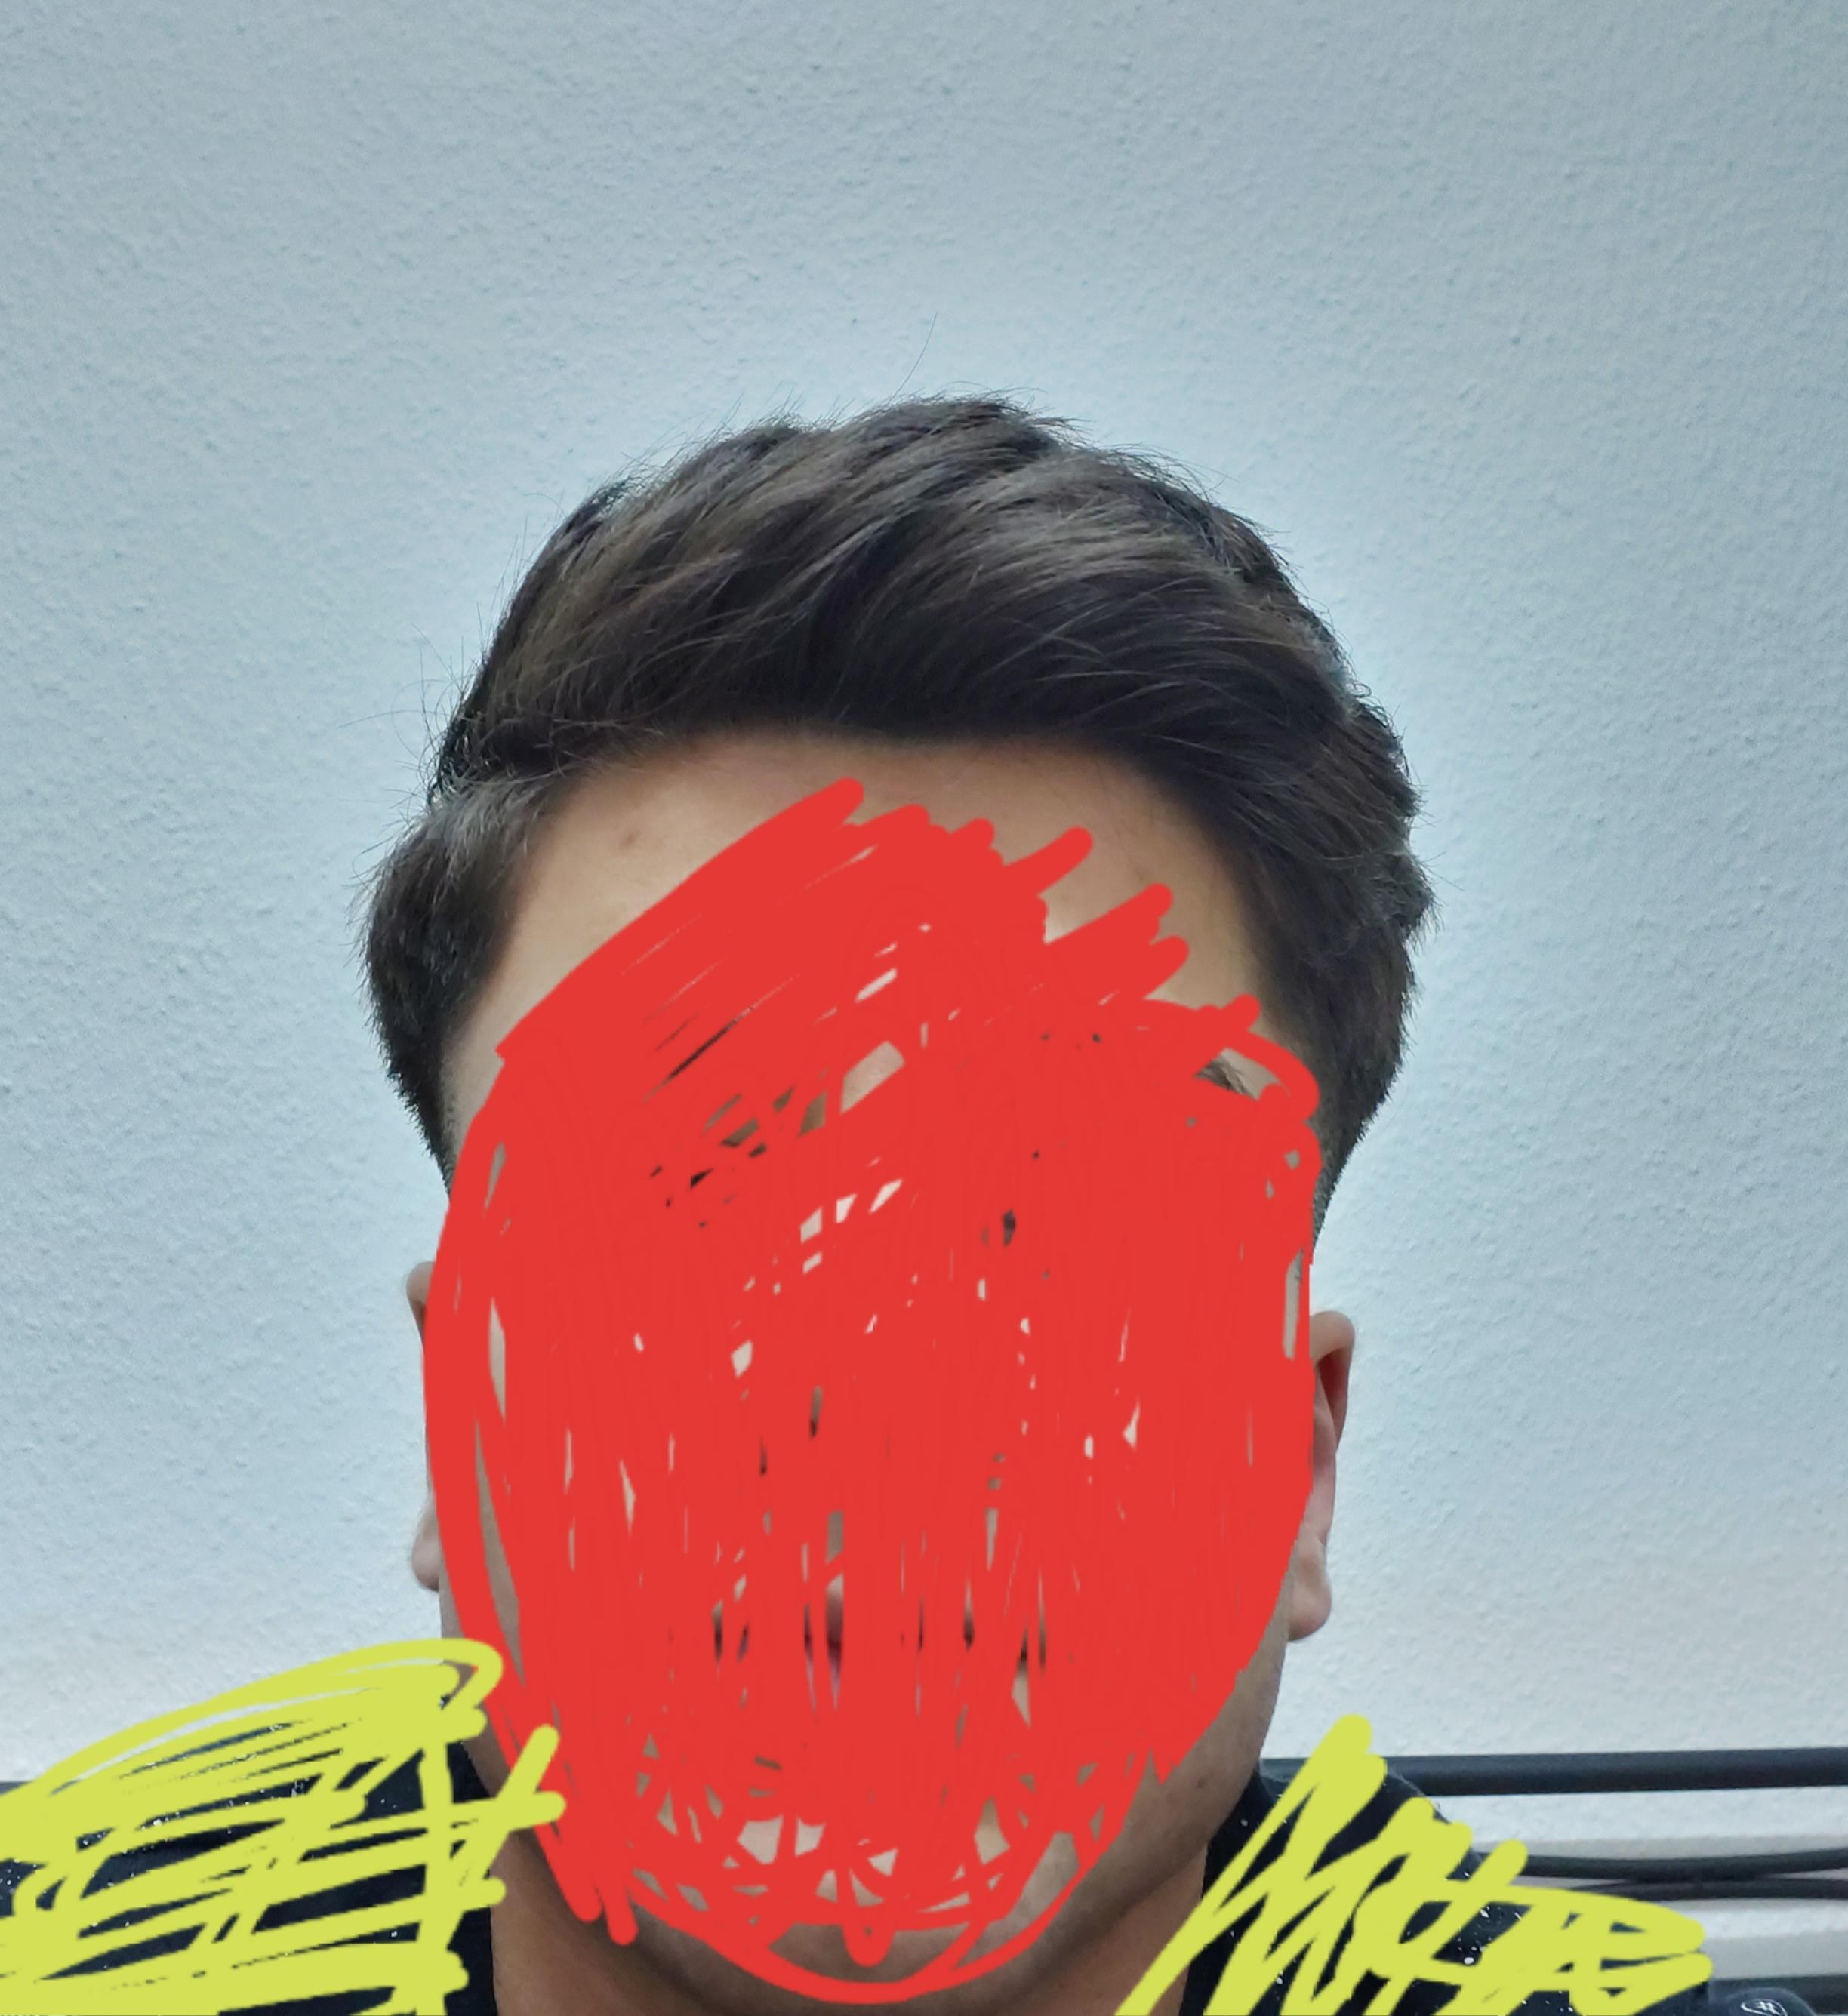 Komische Kopfform